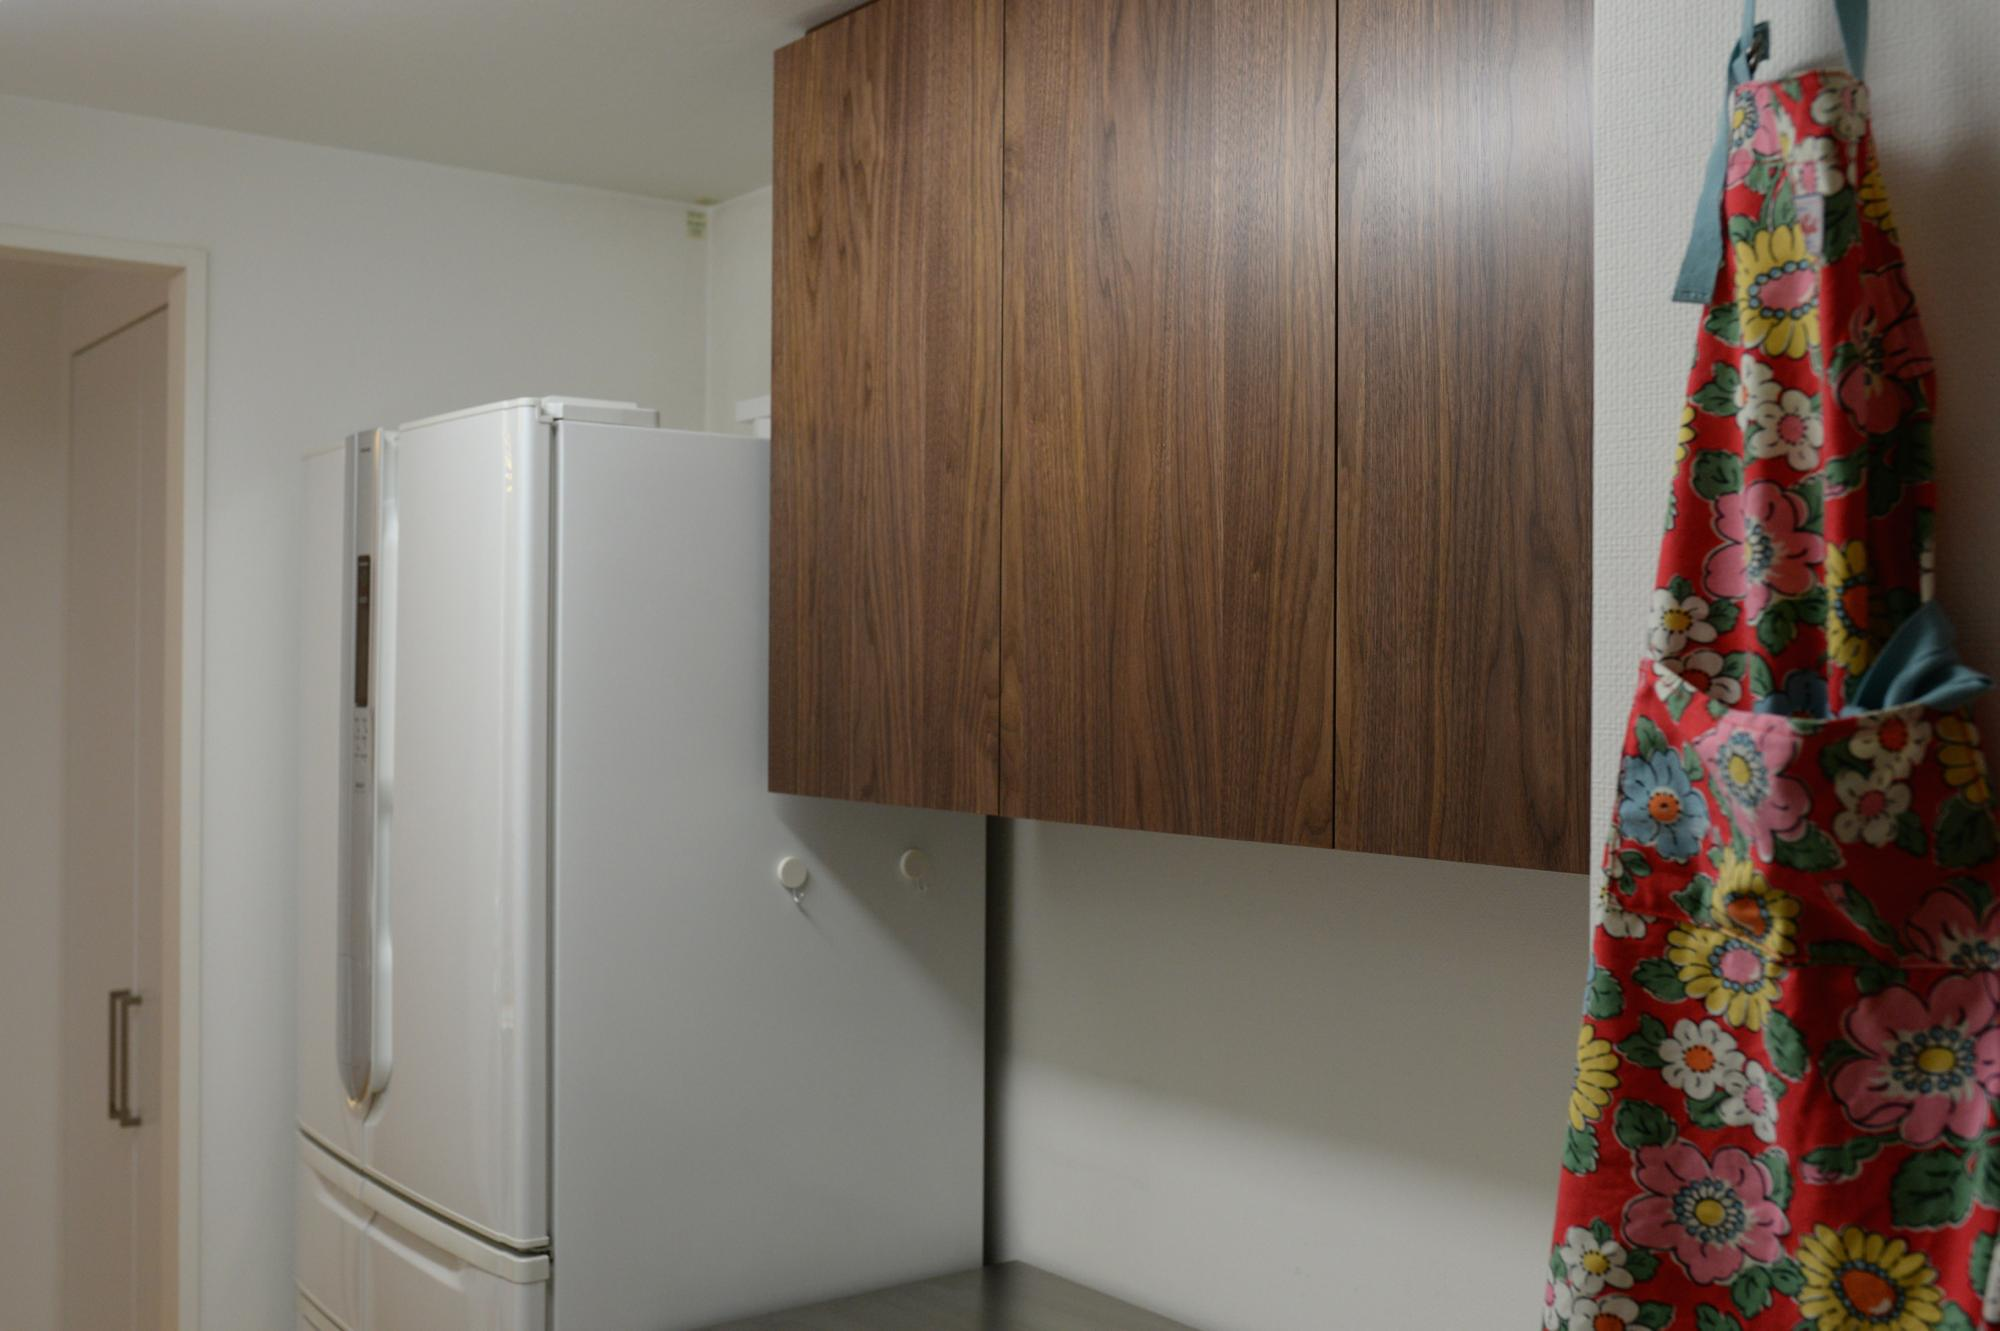 ウォールナット 食器棚 吊り戸棚